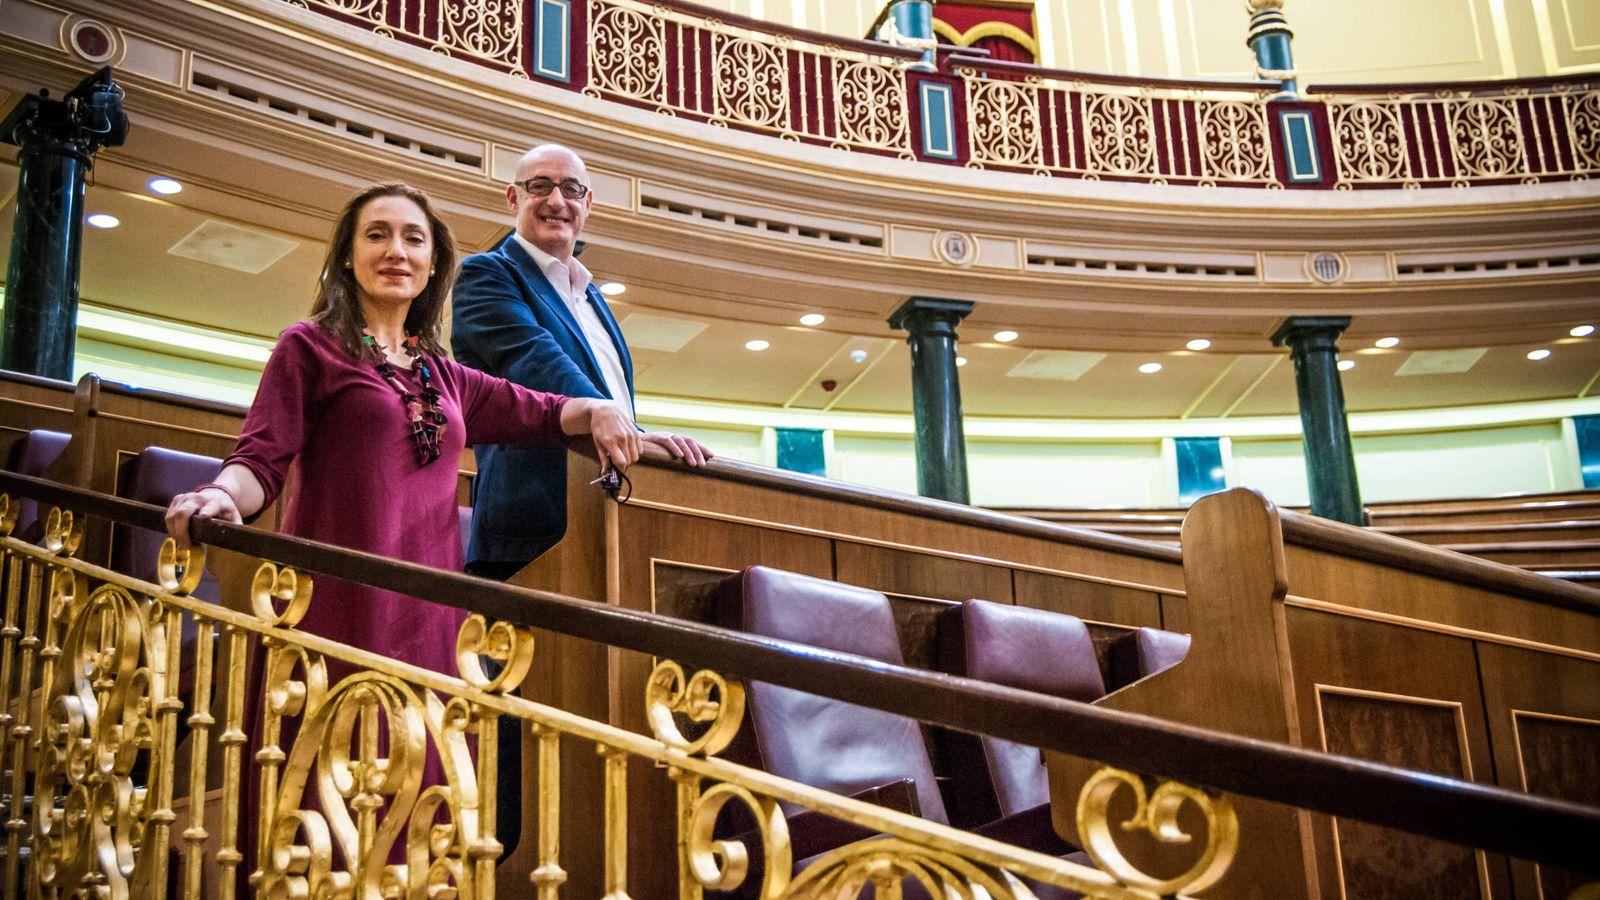 Foto: Rosana Pastor (Podemos) y Félix Álvarez (Ciudadanos), actores y diputados. (Carmen Castellón)